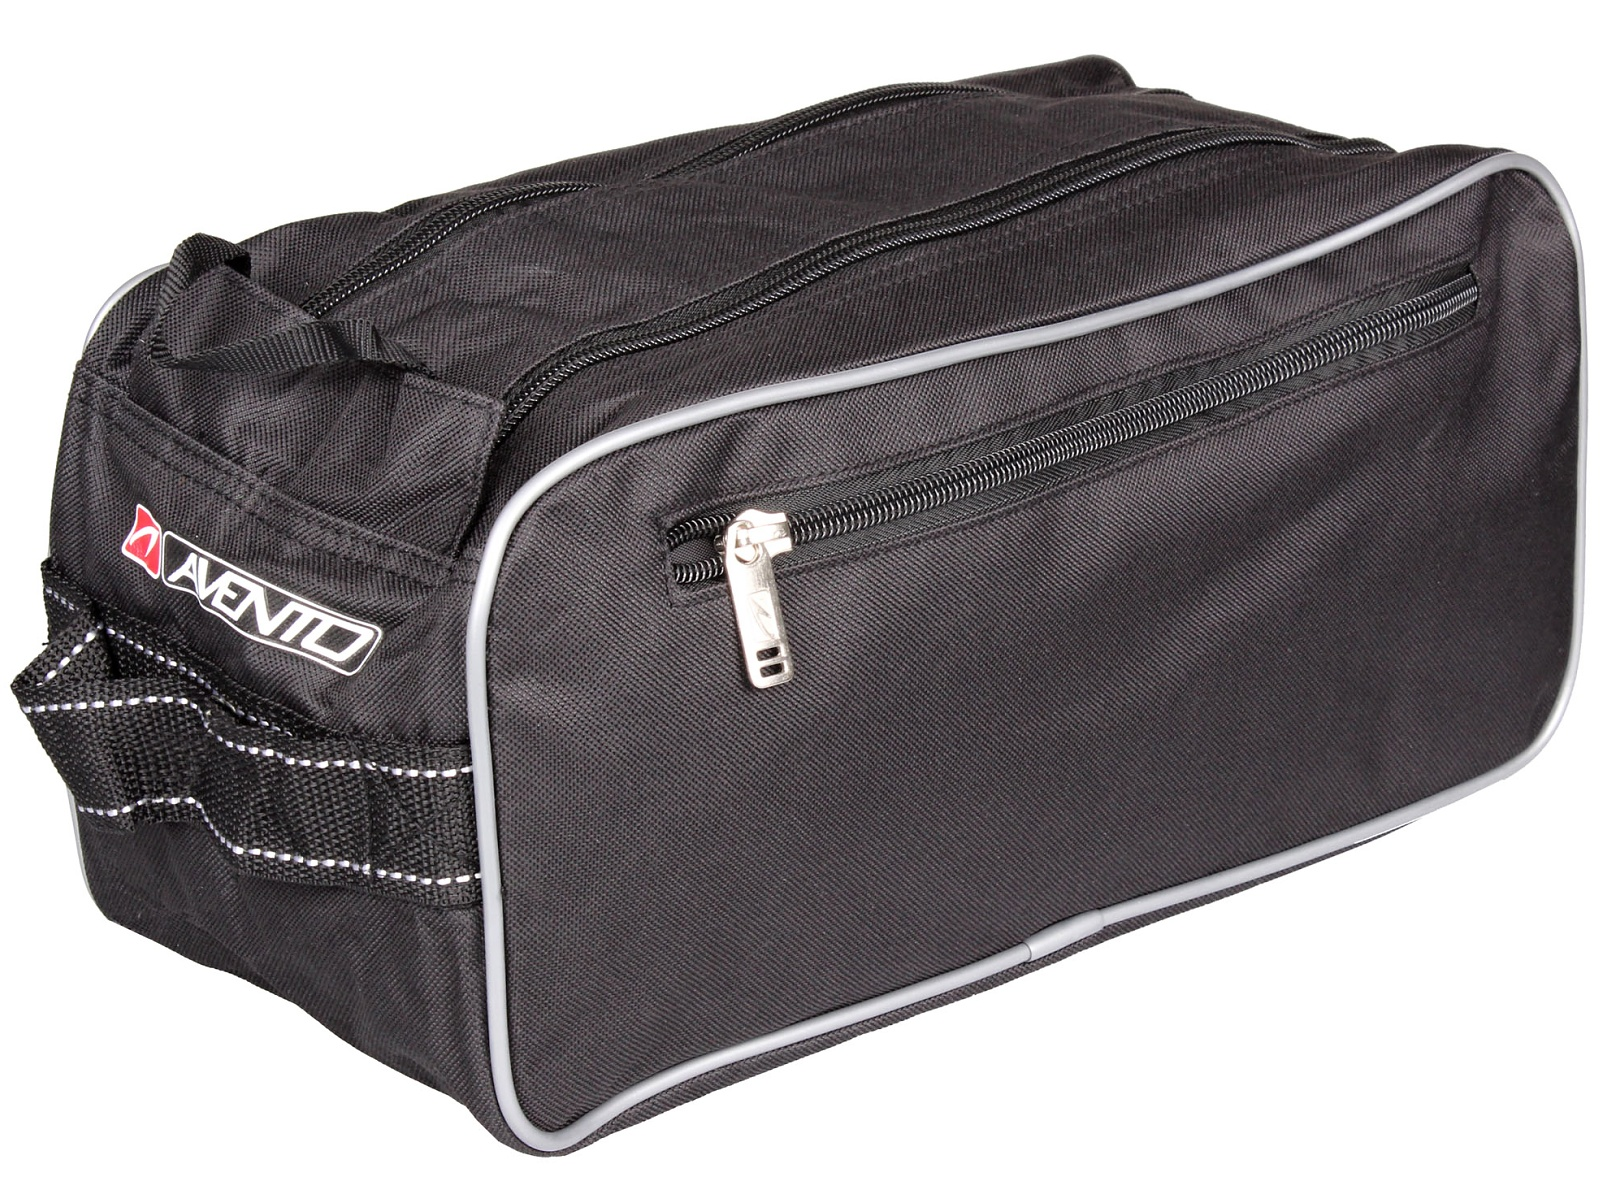 Sportovní taška na boty AVENTO 8L černá